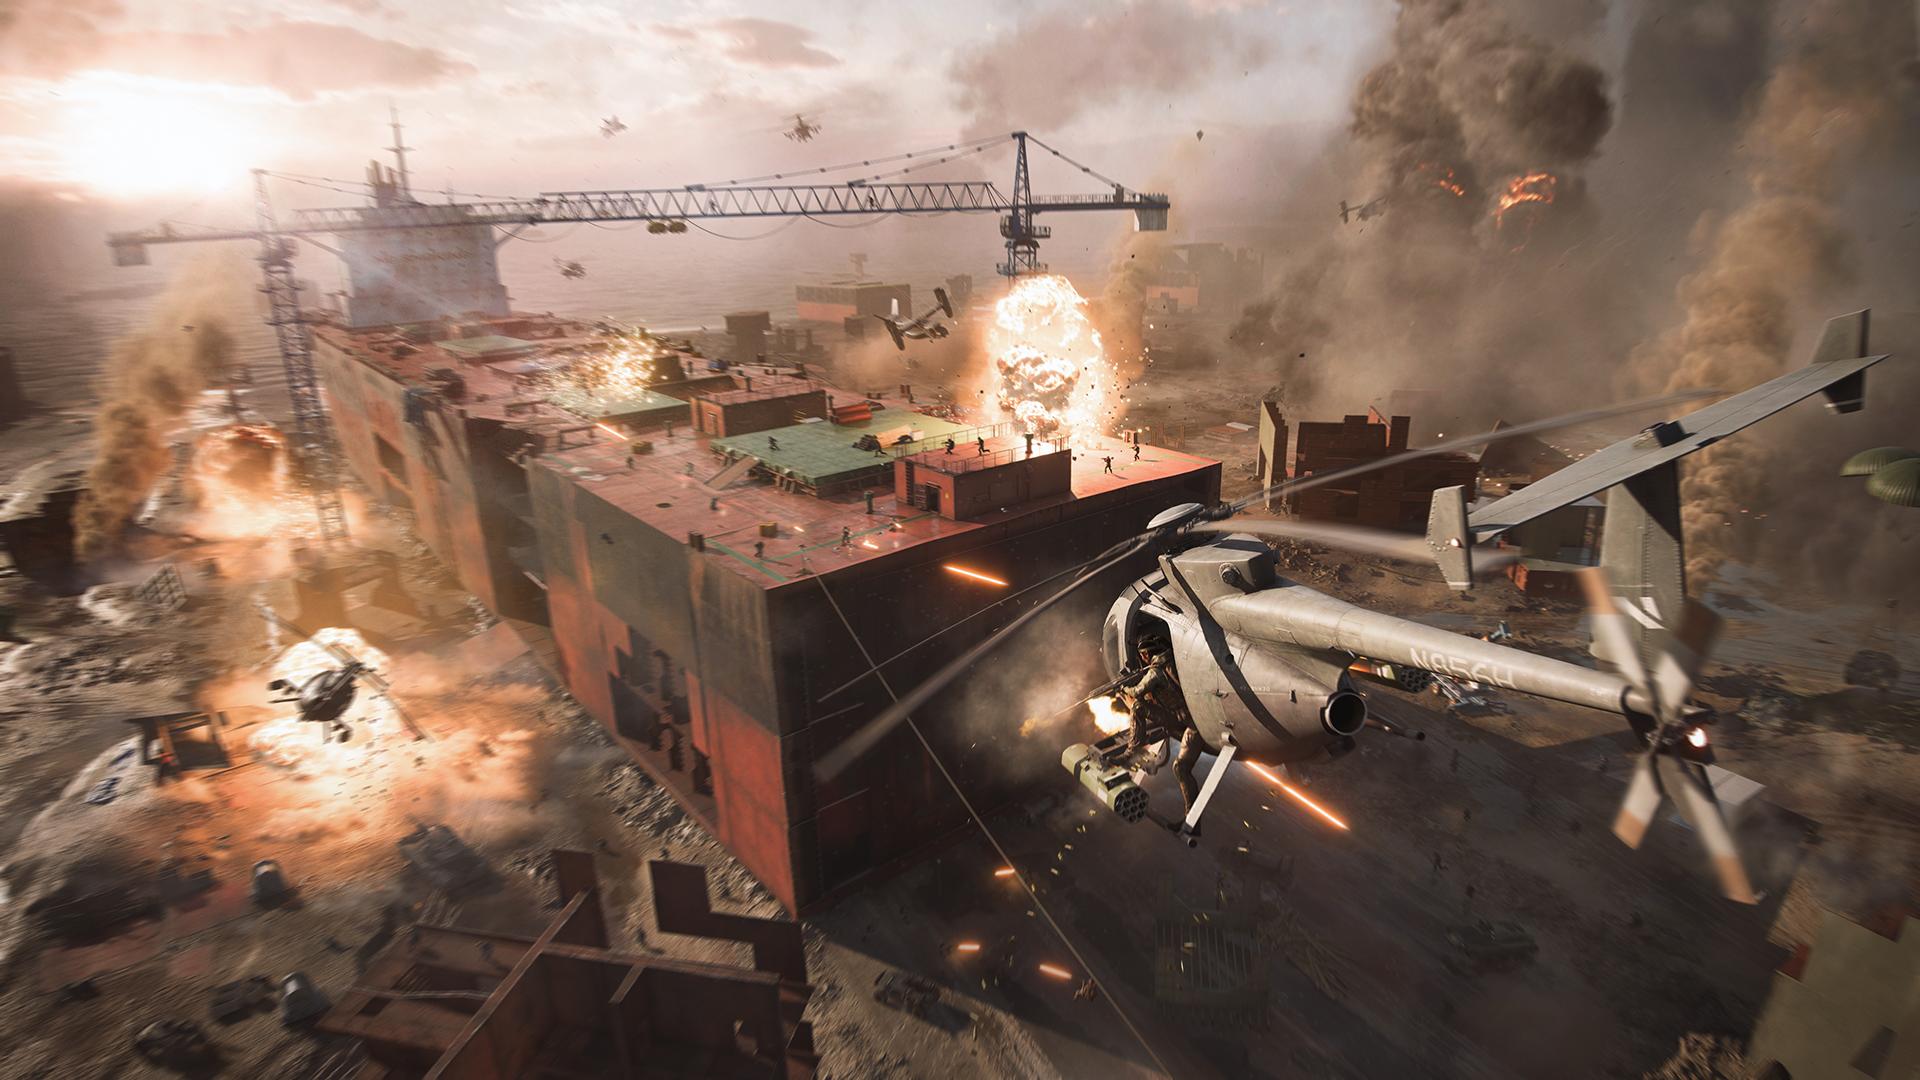 r/Battlefield6 - A LOT of leaks from origin